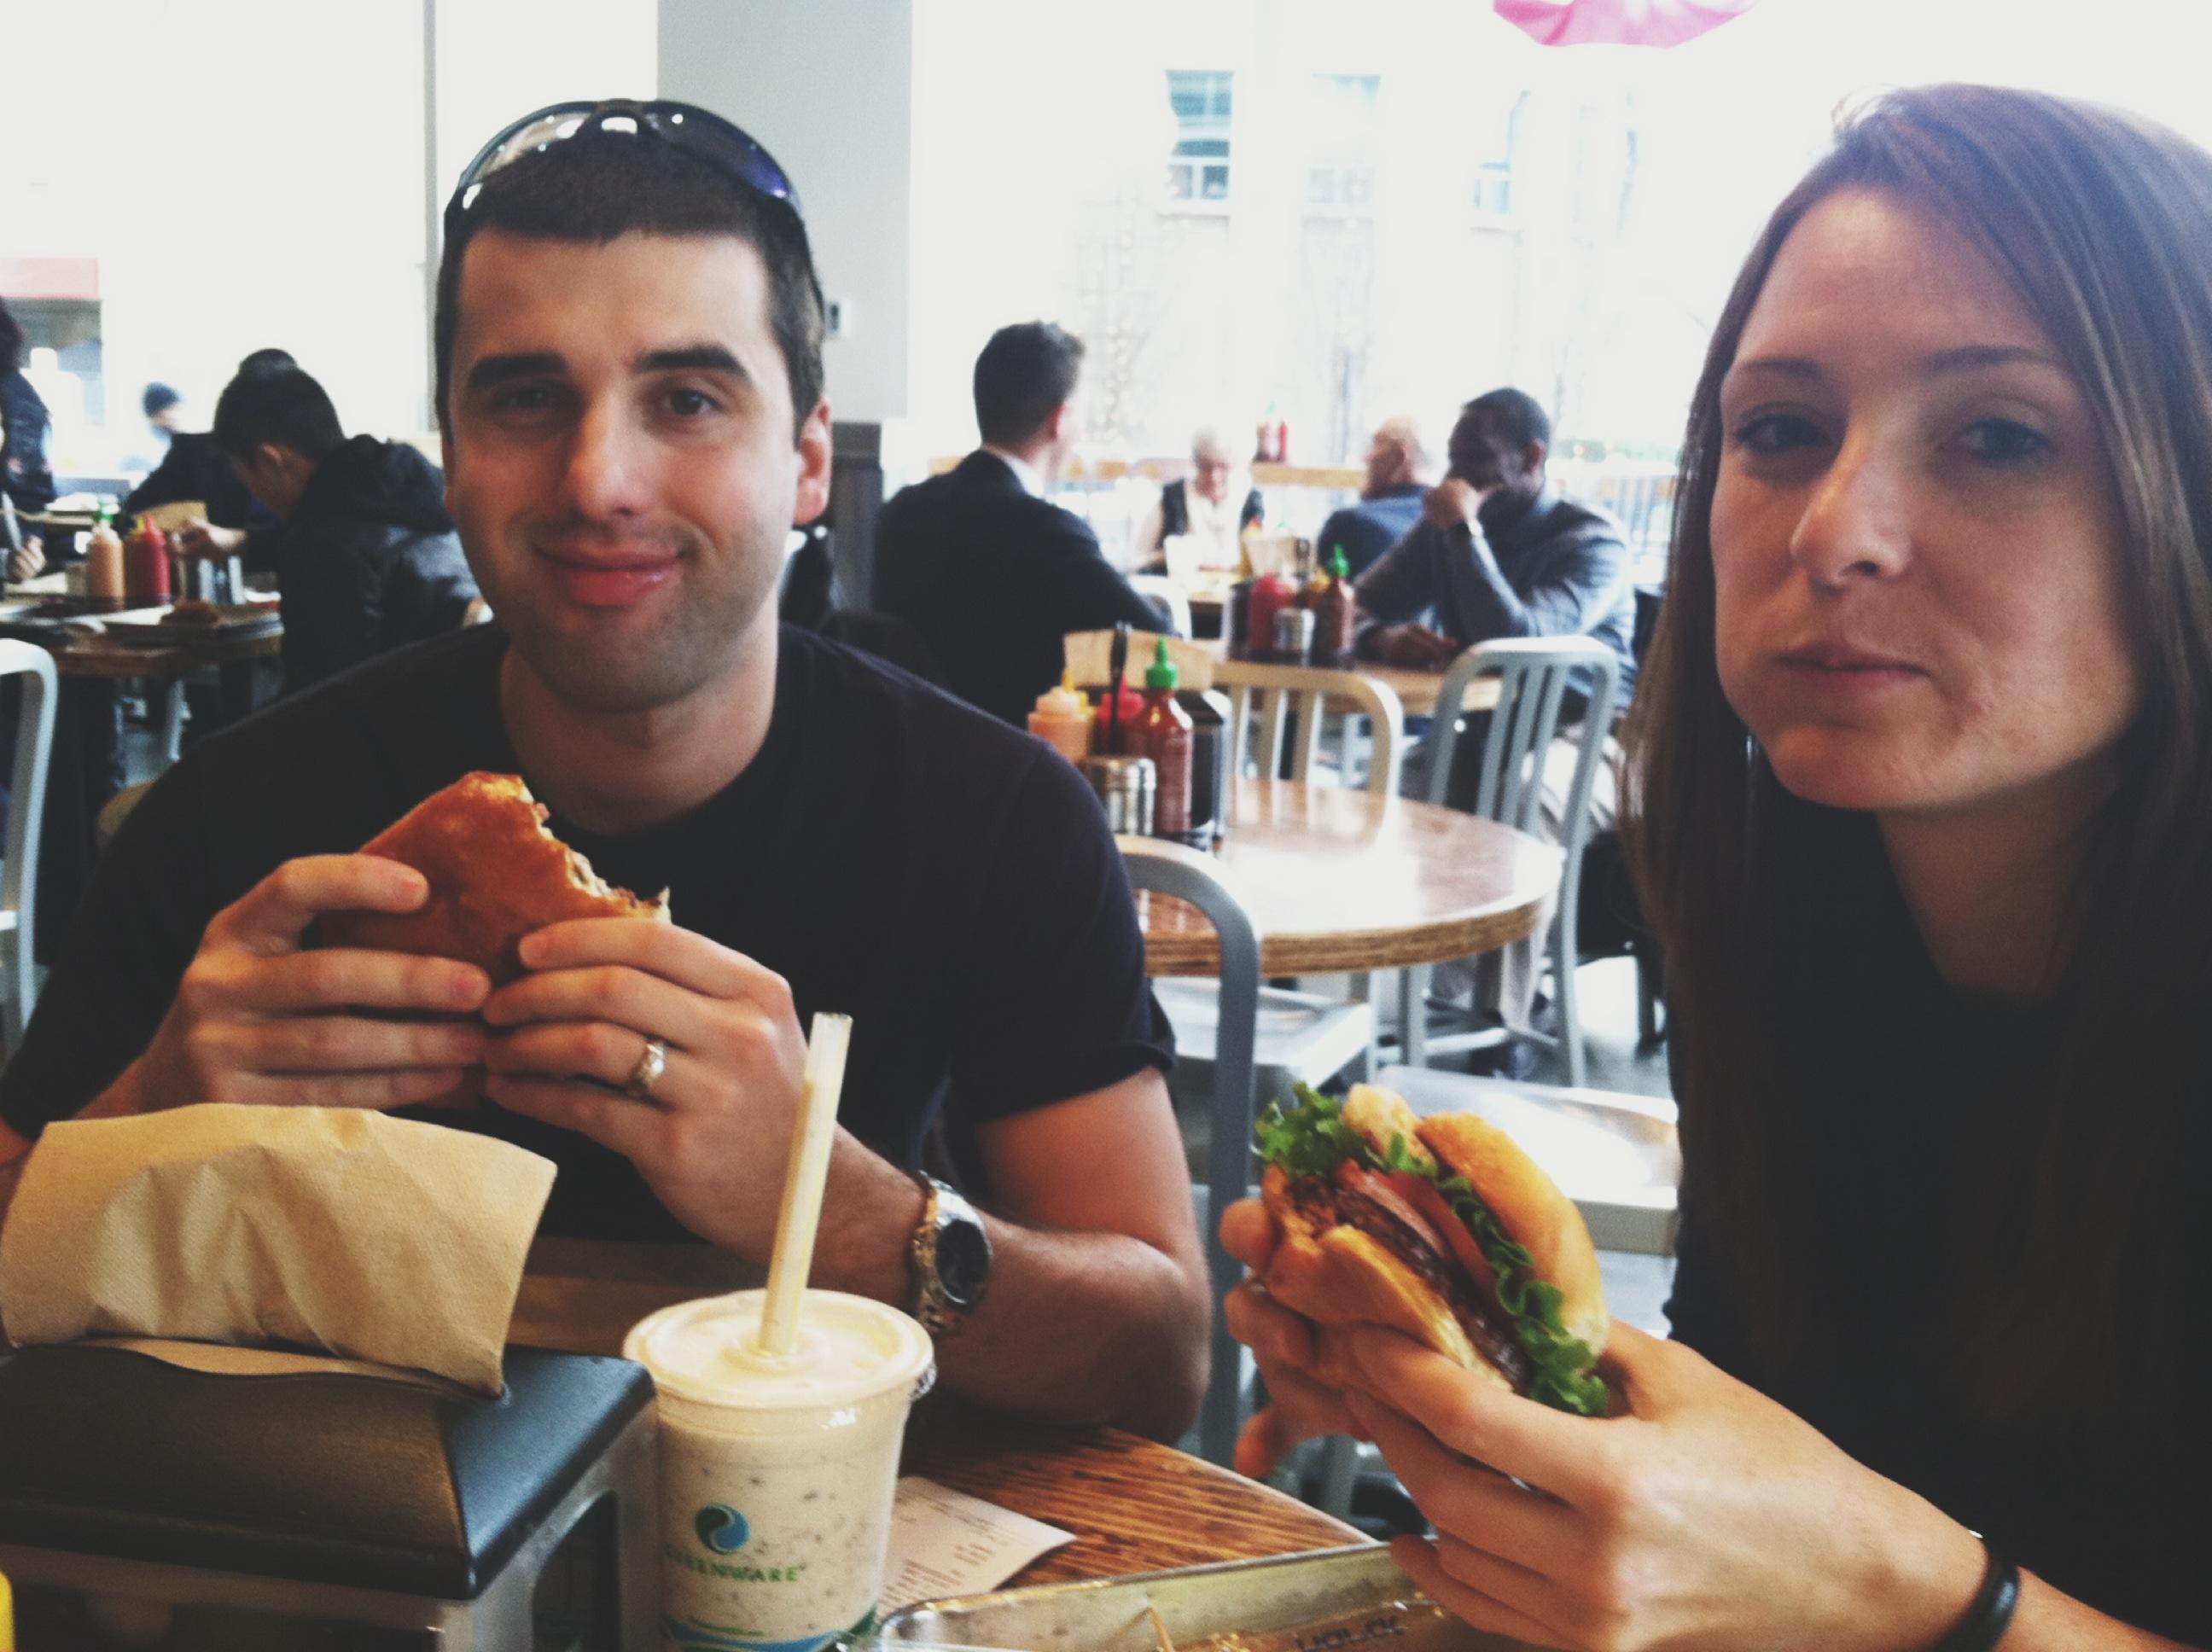 John and Nikki